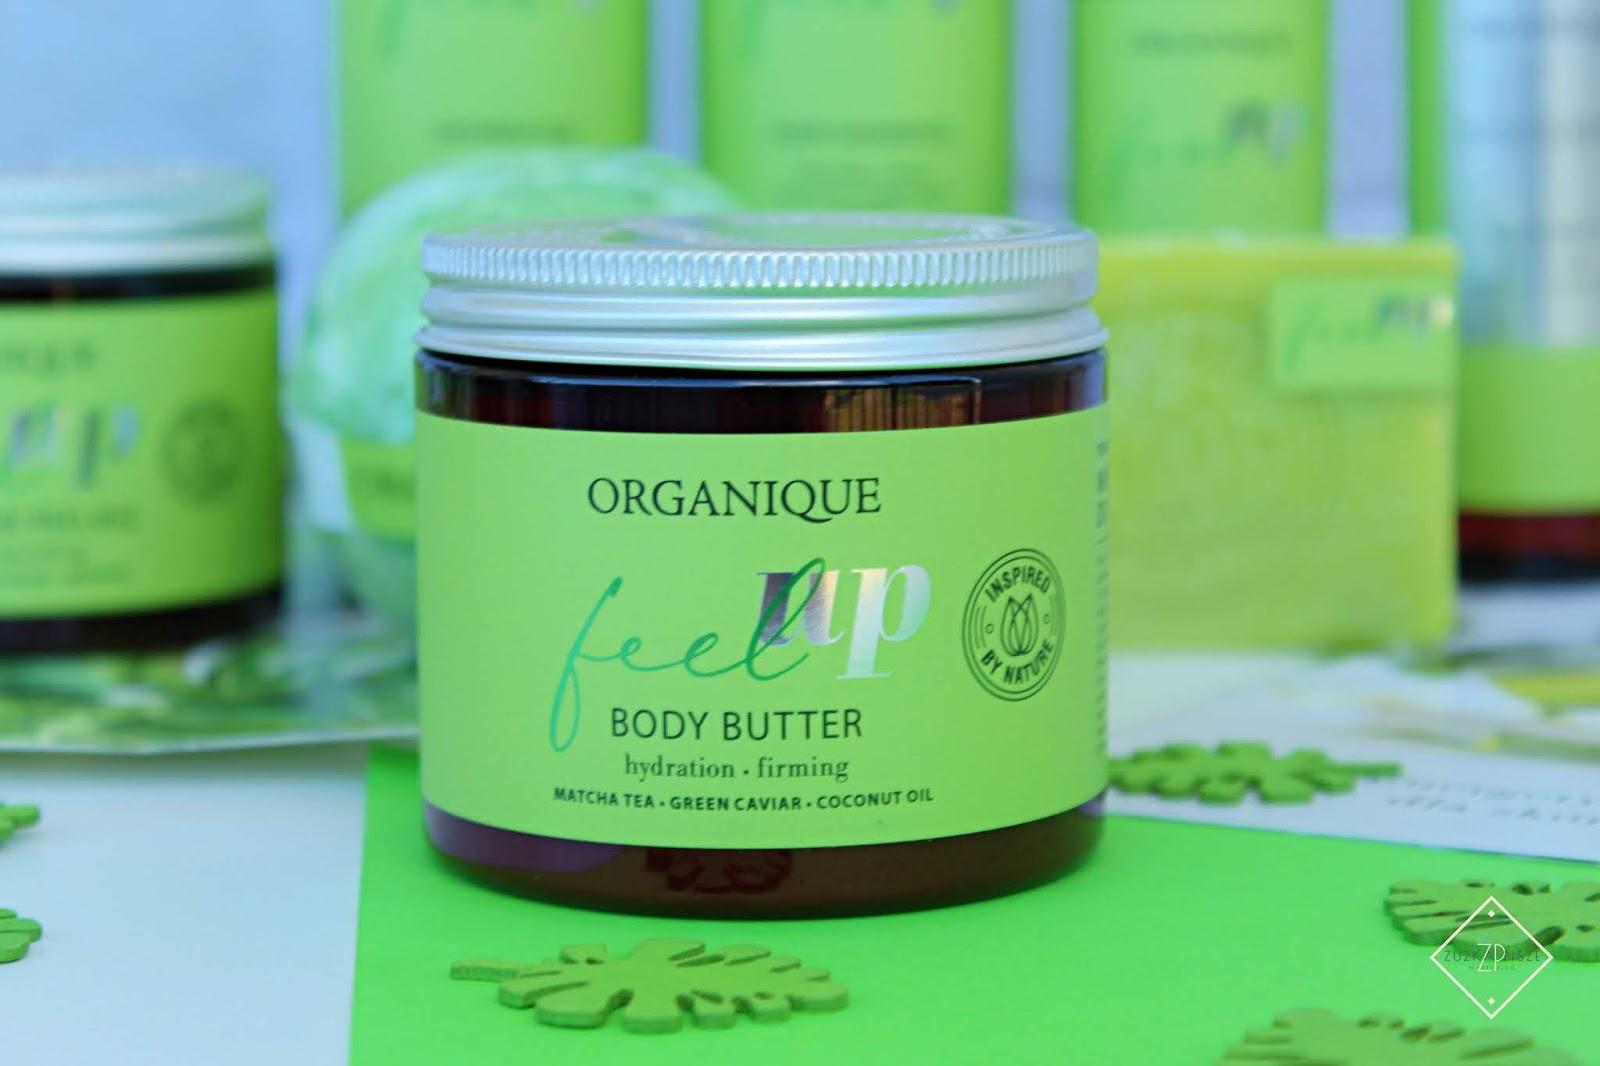 Ujędrniające masło do ciała Organique Feel Up